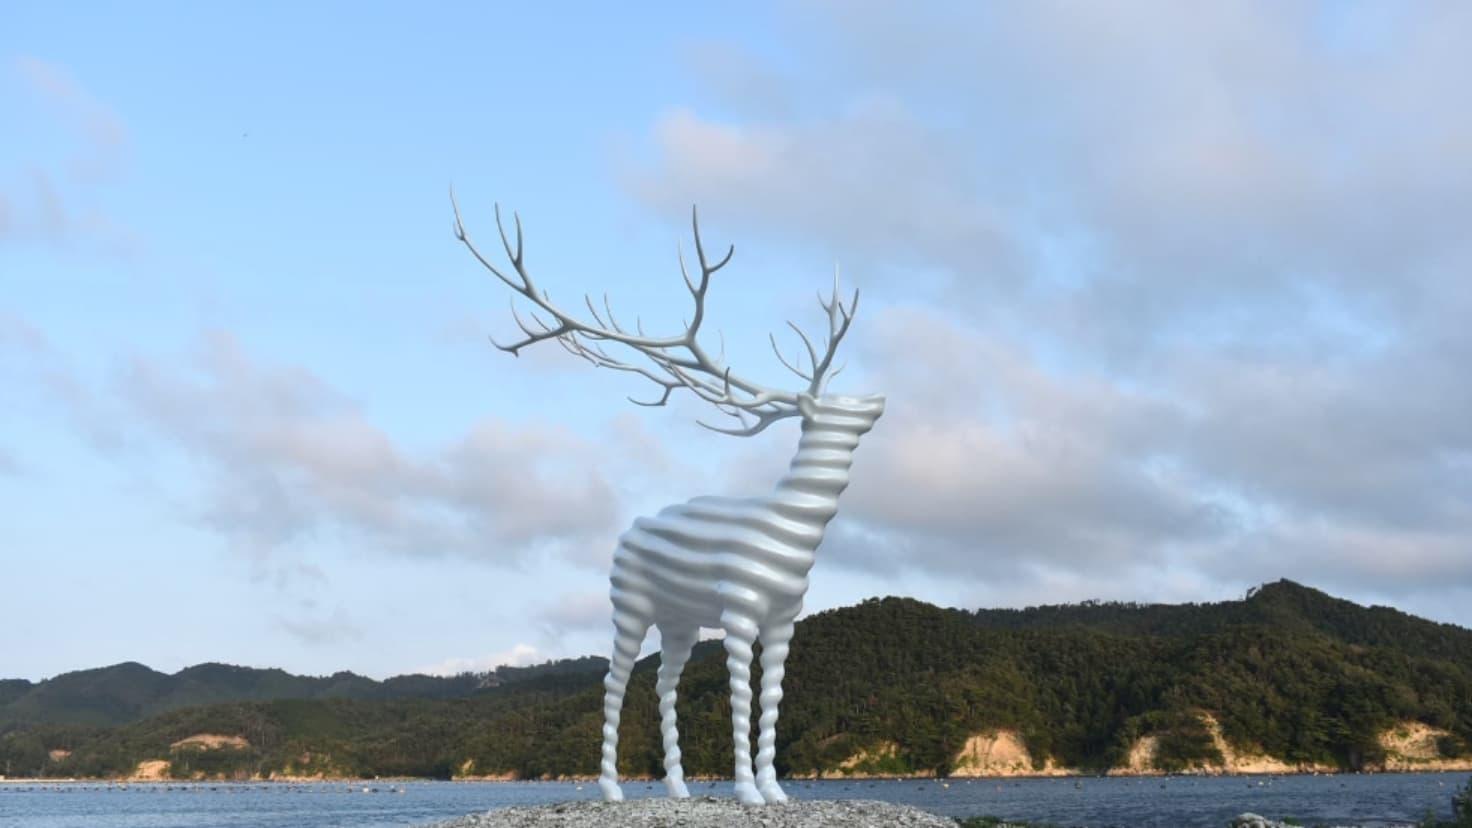 Reborn-Art Festivalで展示された《White Deer(Oshika)》(2017)